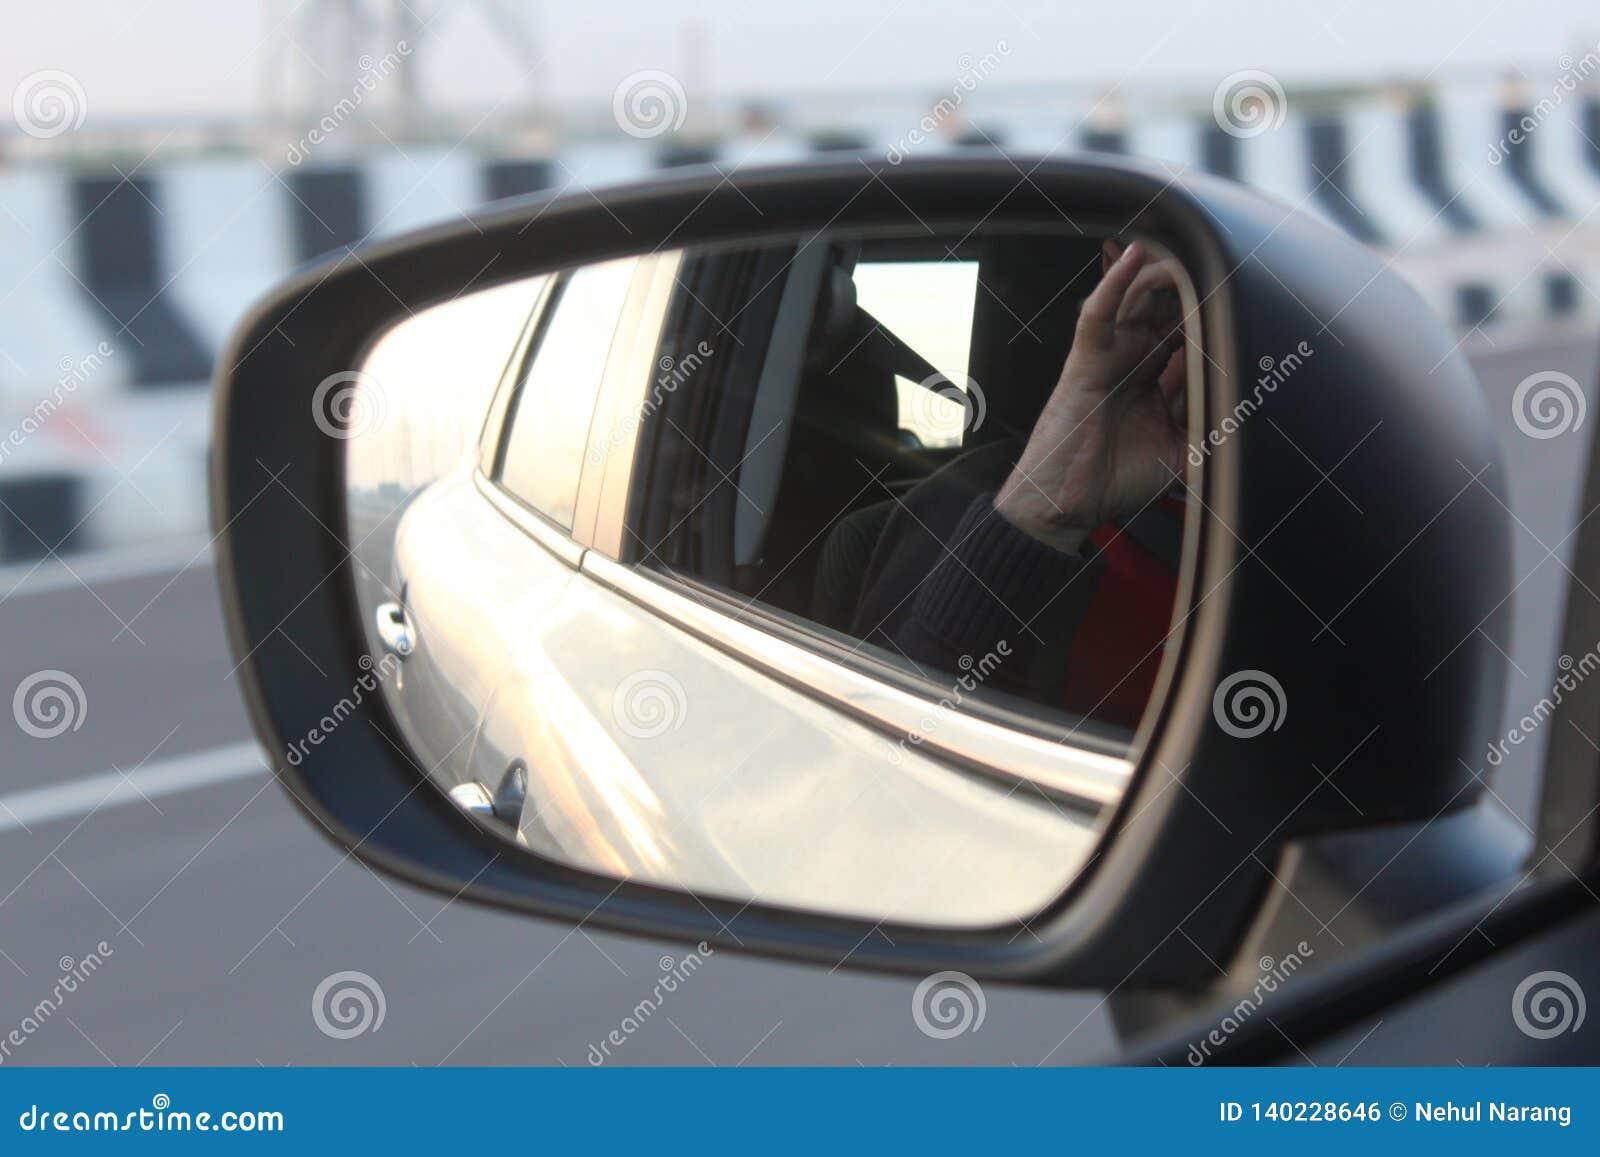 Eine Ansicht des Seitenansichtspiegels des Autos auf einer Landstraße